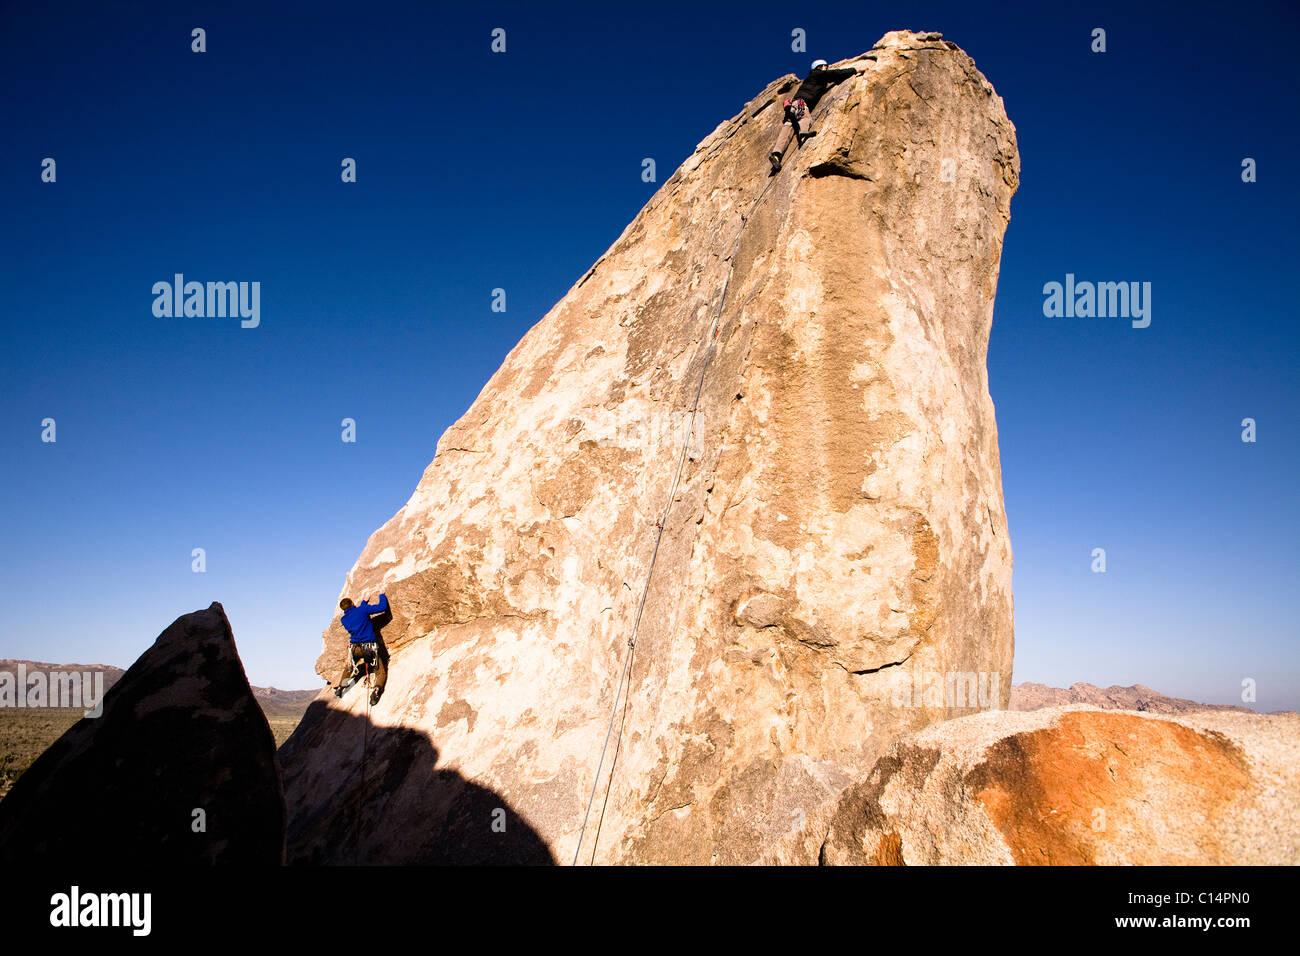 Zwei männliche Bergsteiger arbeiten ihren Weg nach oben Grabstein Rock in Joshua Tree Nationalpark, Kalifornien. Stockbild